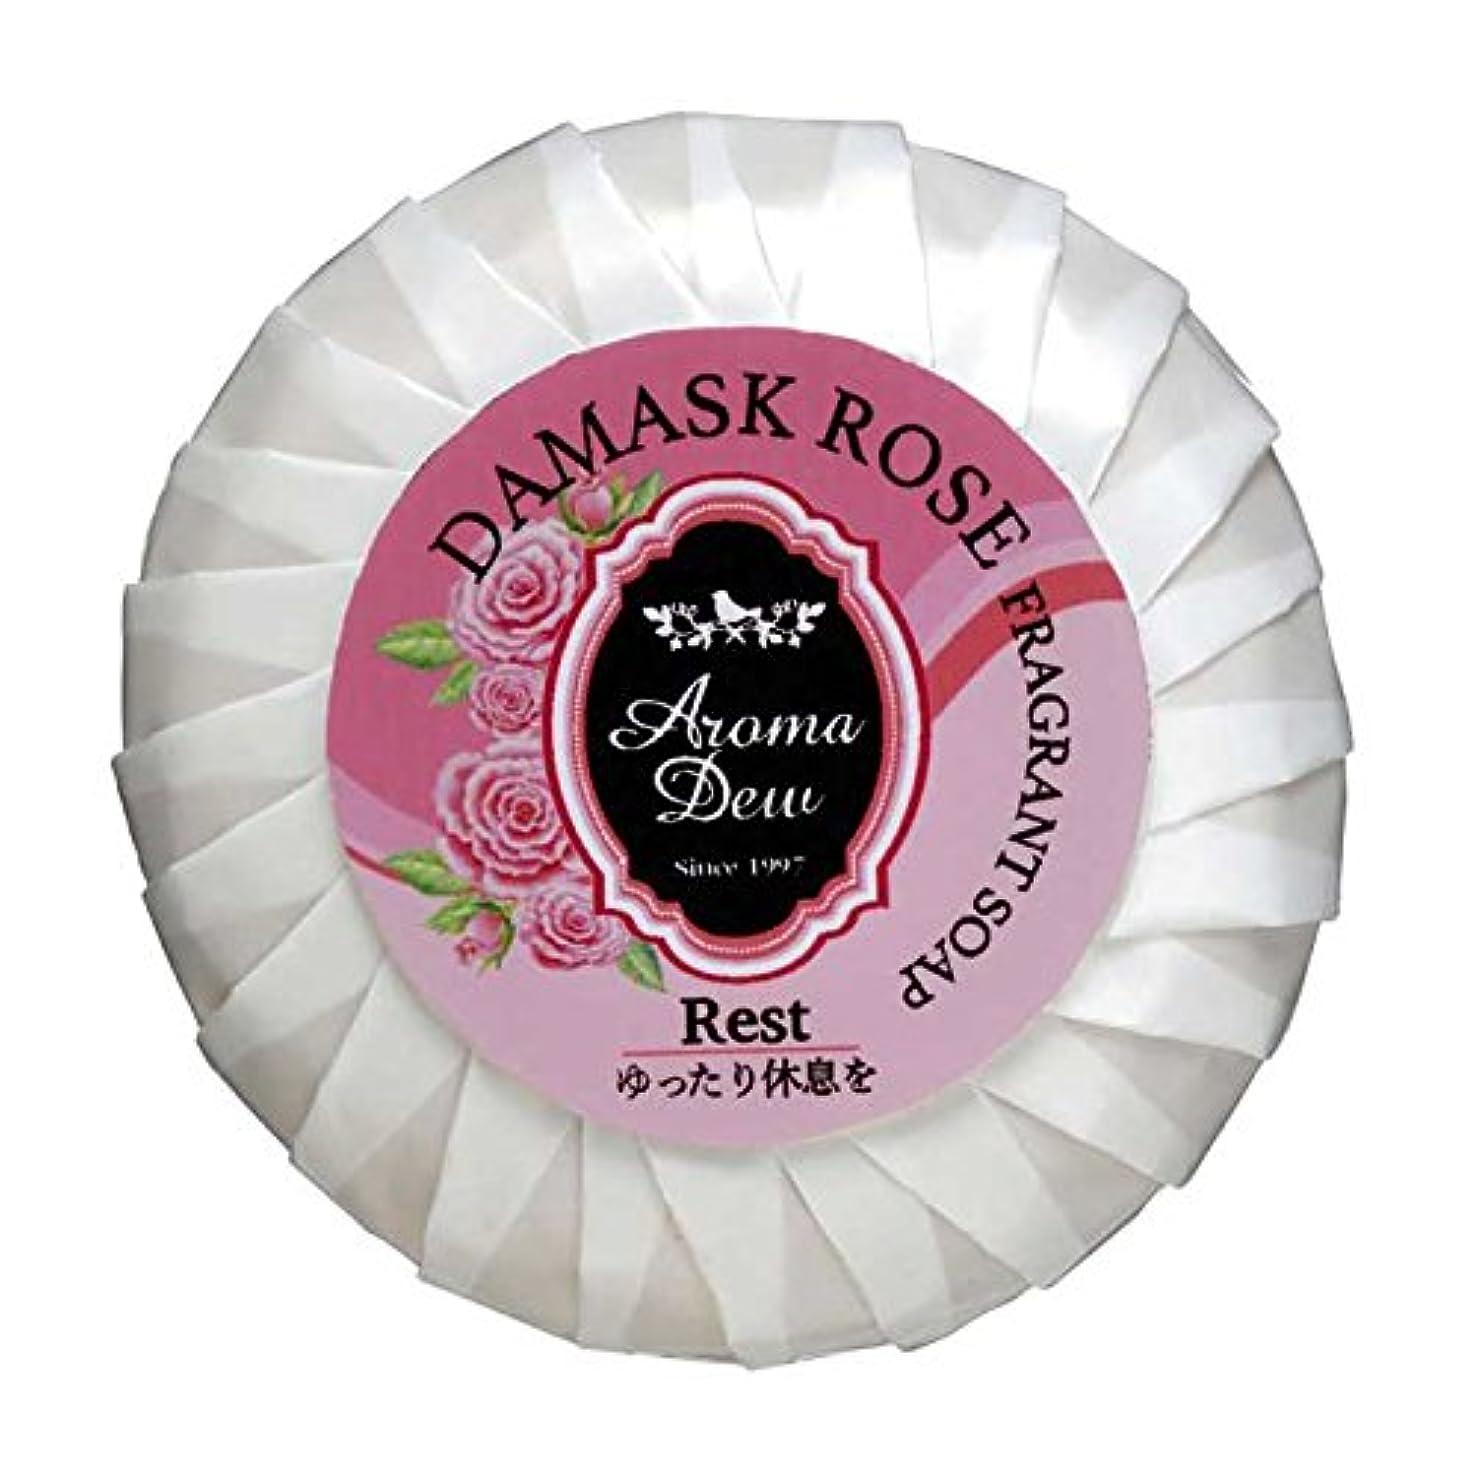 熱心なオーバーフロー窓アロマデュウ フレグラントソープ ダマスクローズの香り 100g